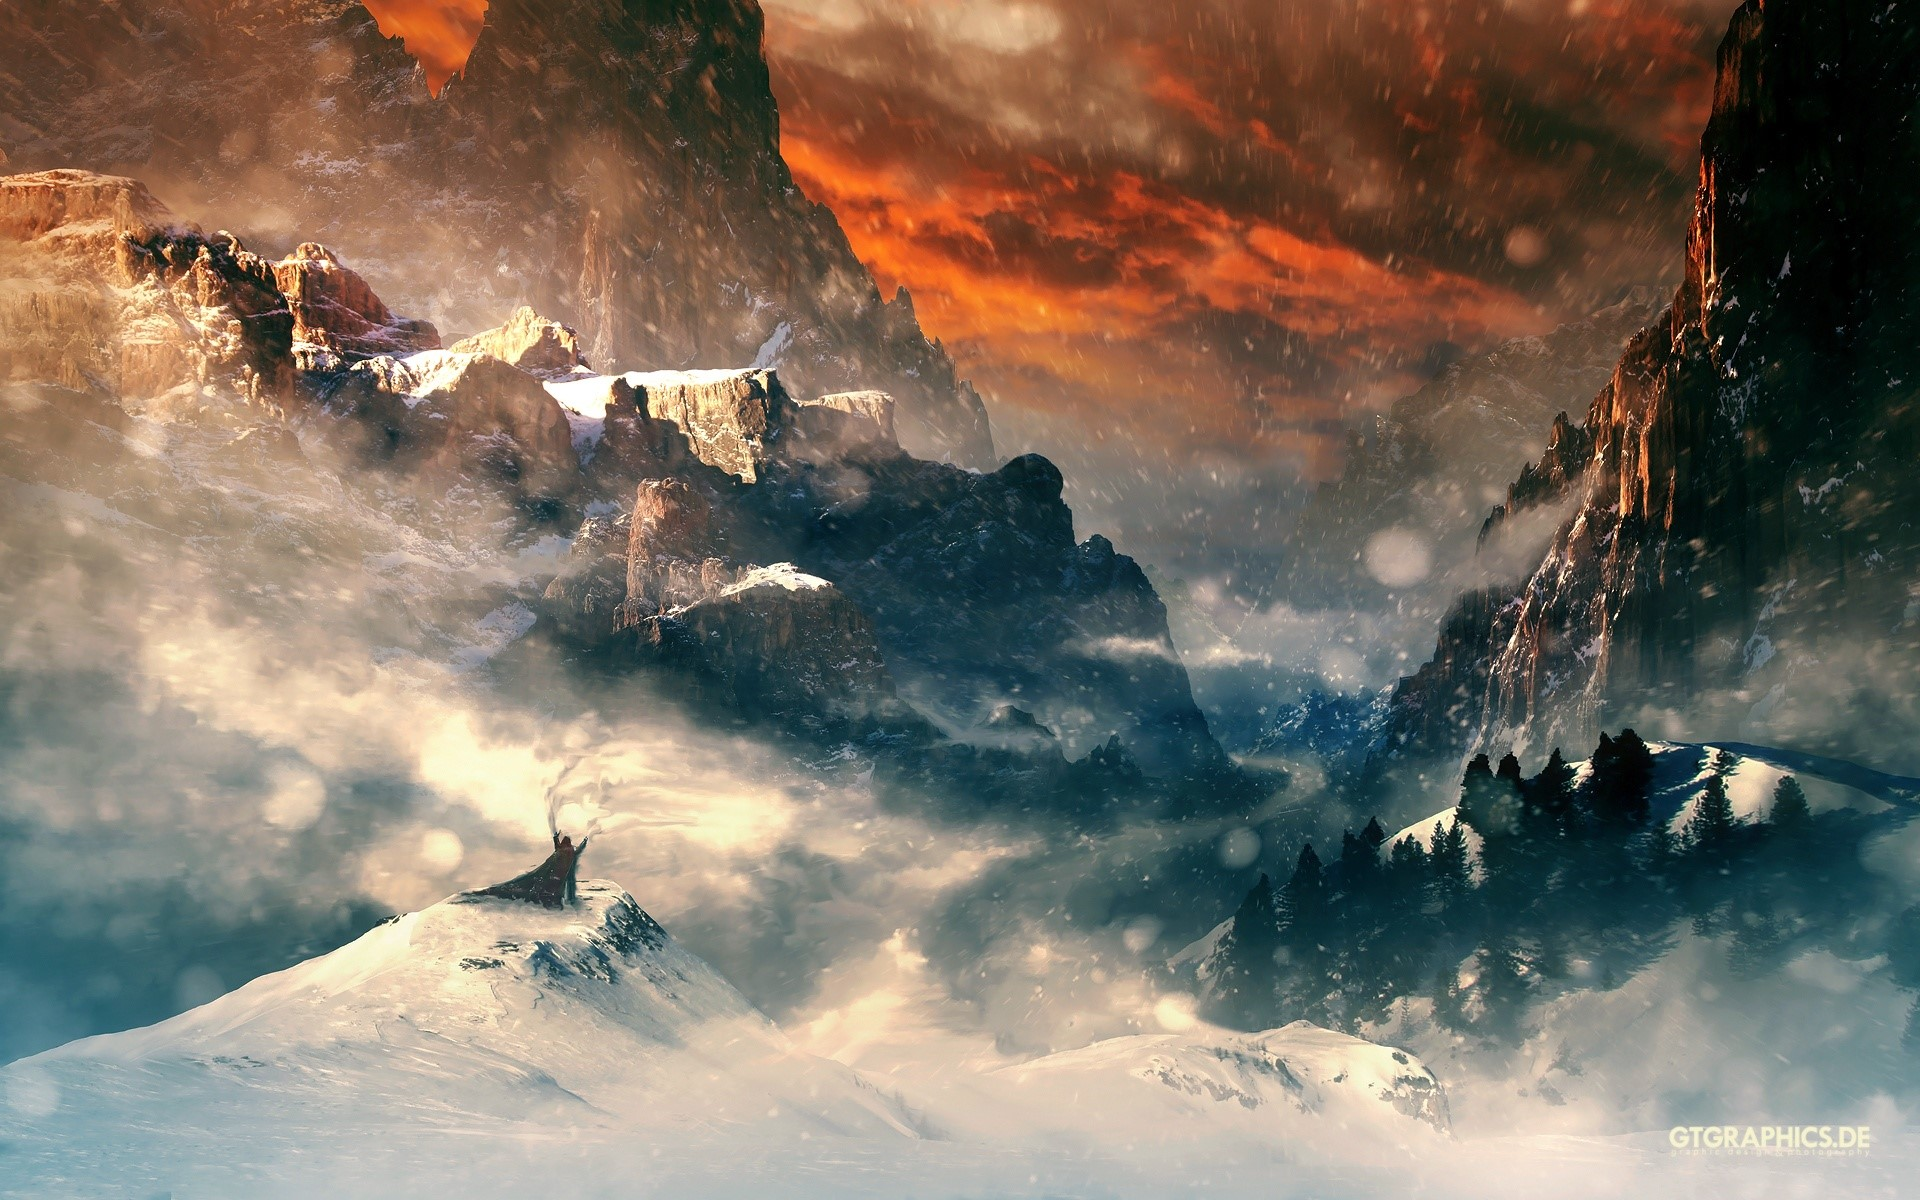 Wallpaper Hobbit Mountains